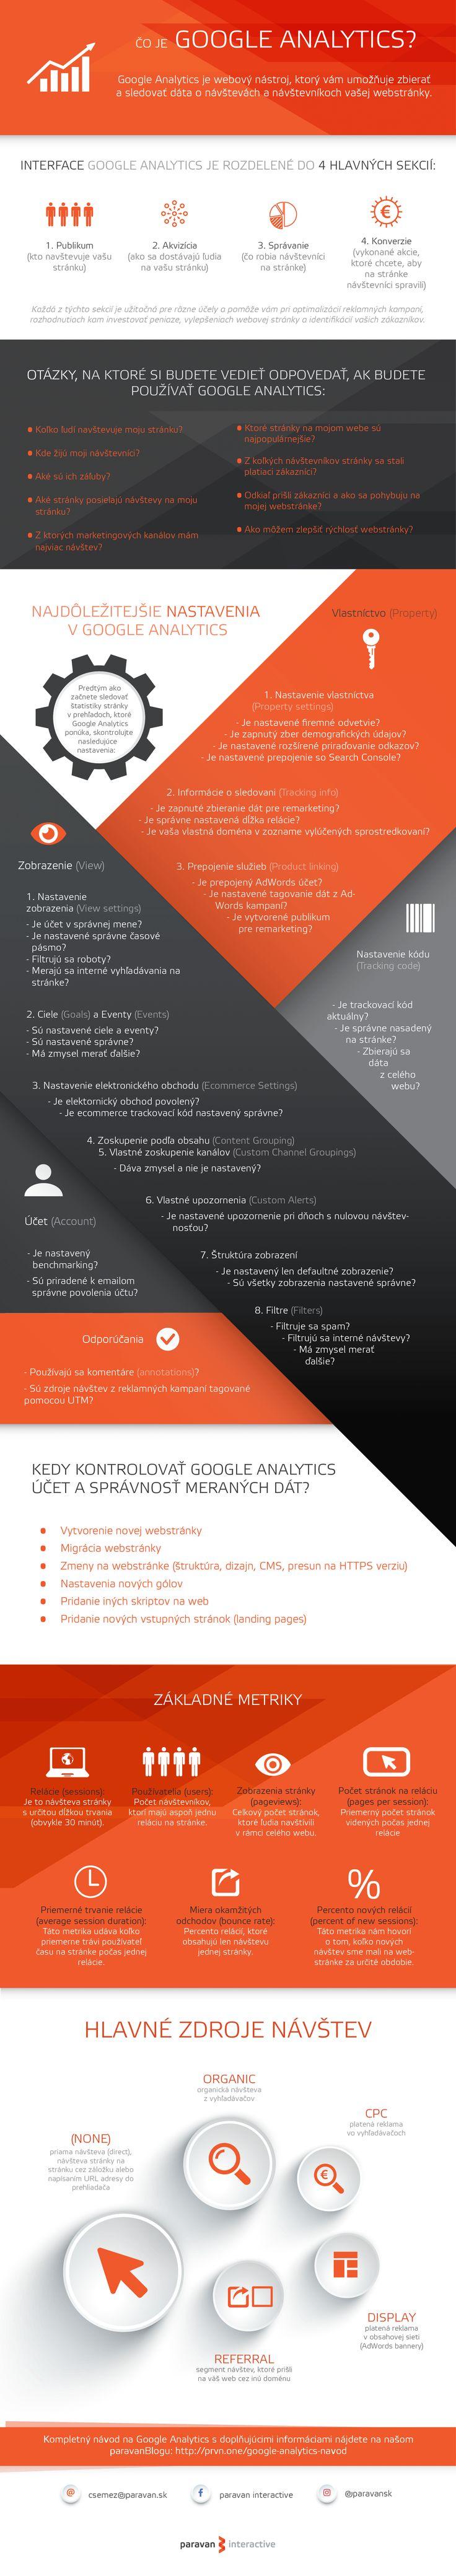 Najdôležitejšie informácie o Google Analytics - infografika